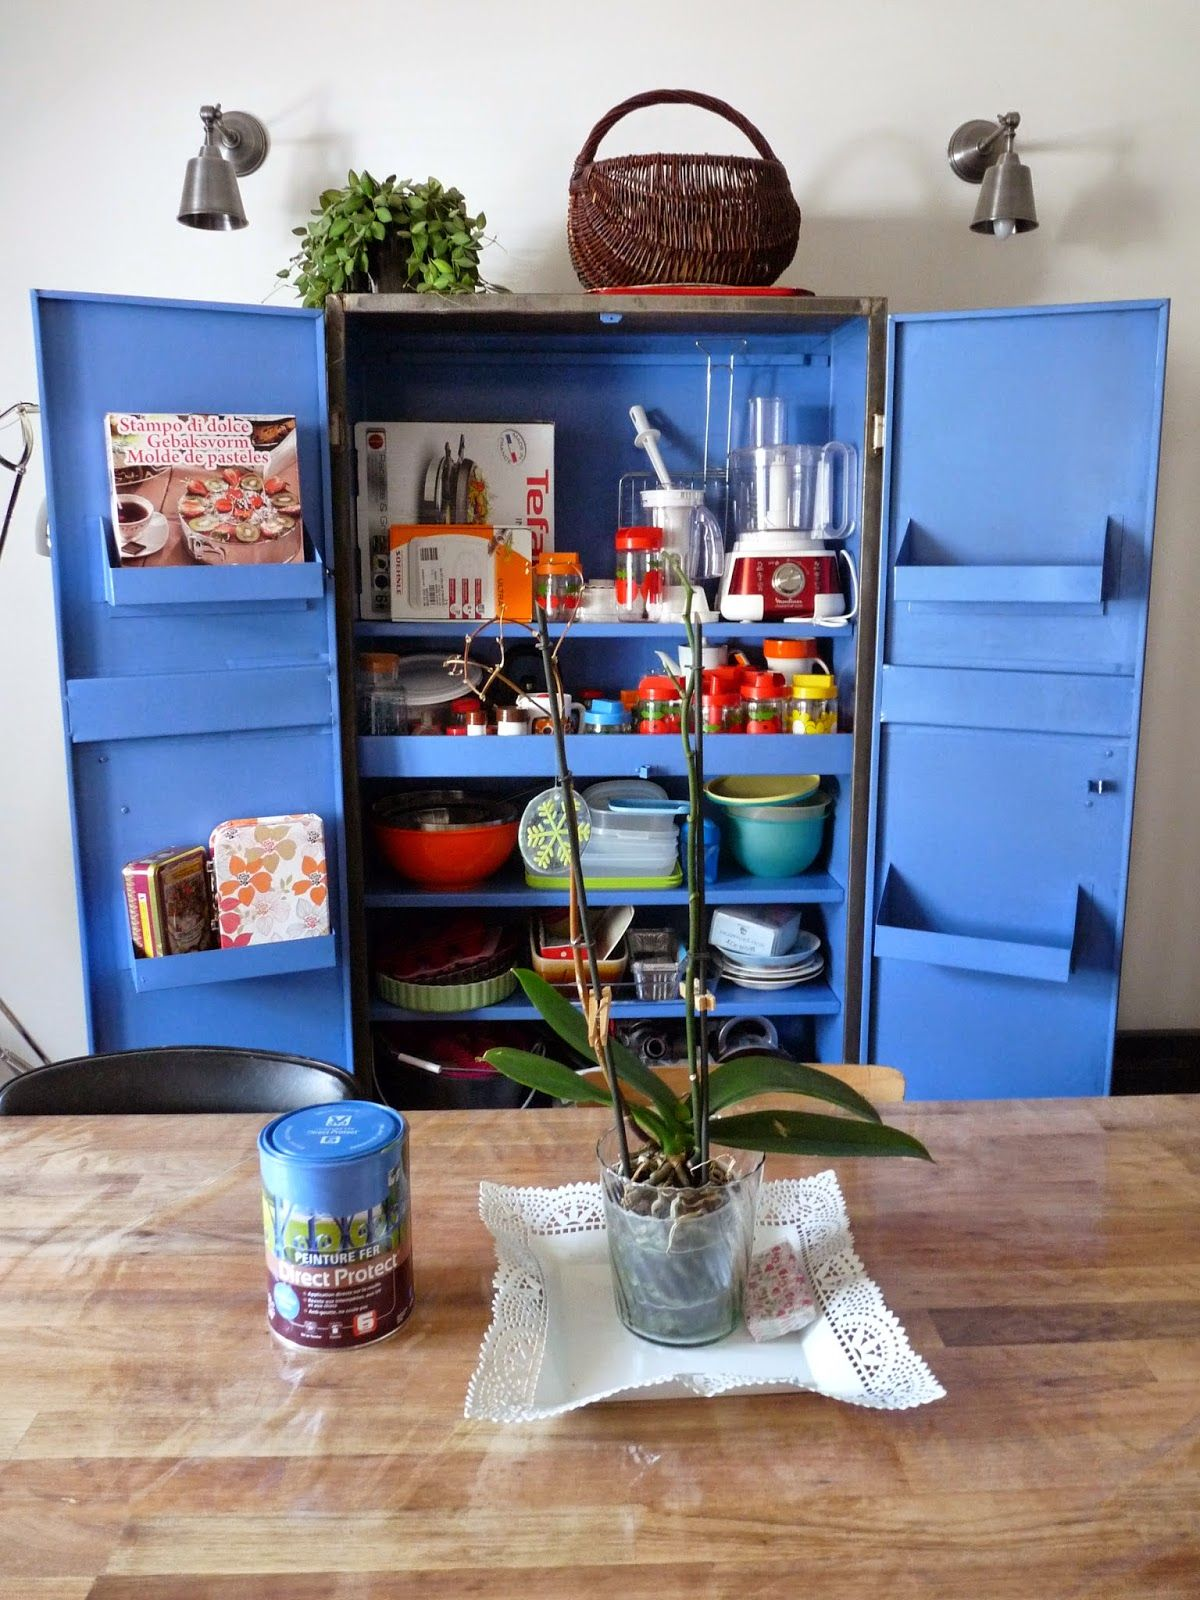 les 25 meilleures id es de la cat gorie armoire m tallique sur pinterest armoire ikea ps. Black Bedroom Furniture Sets. Home Design Ideas